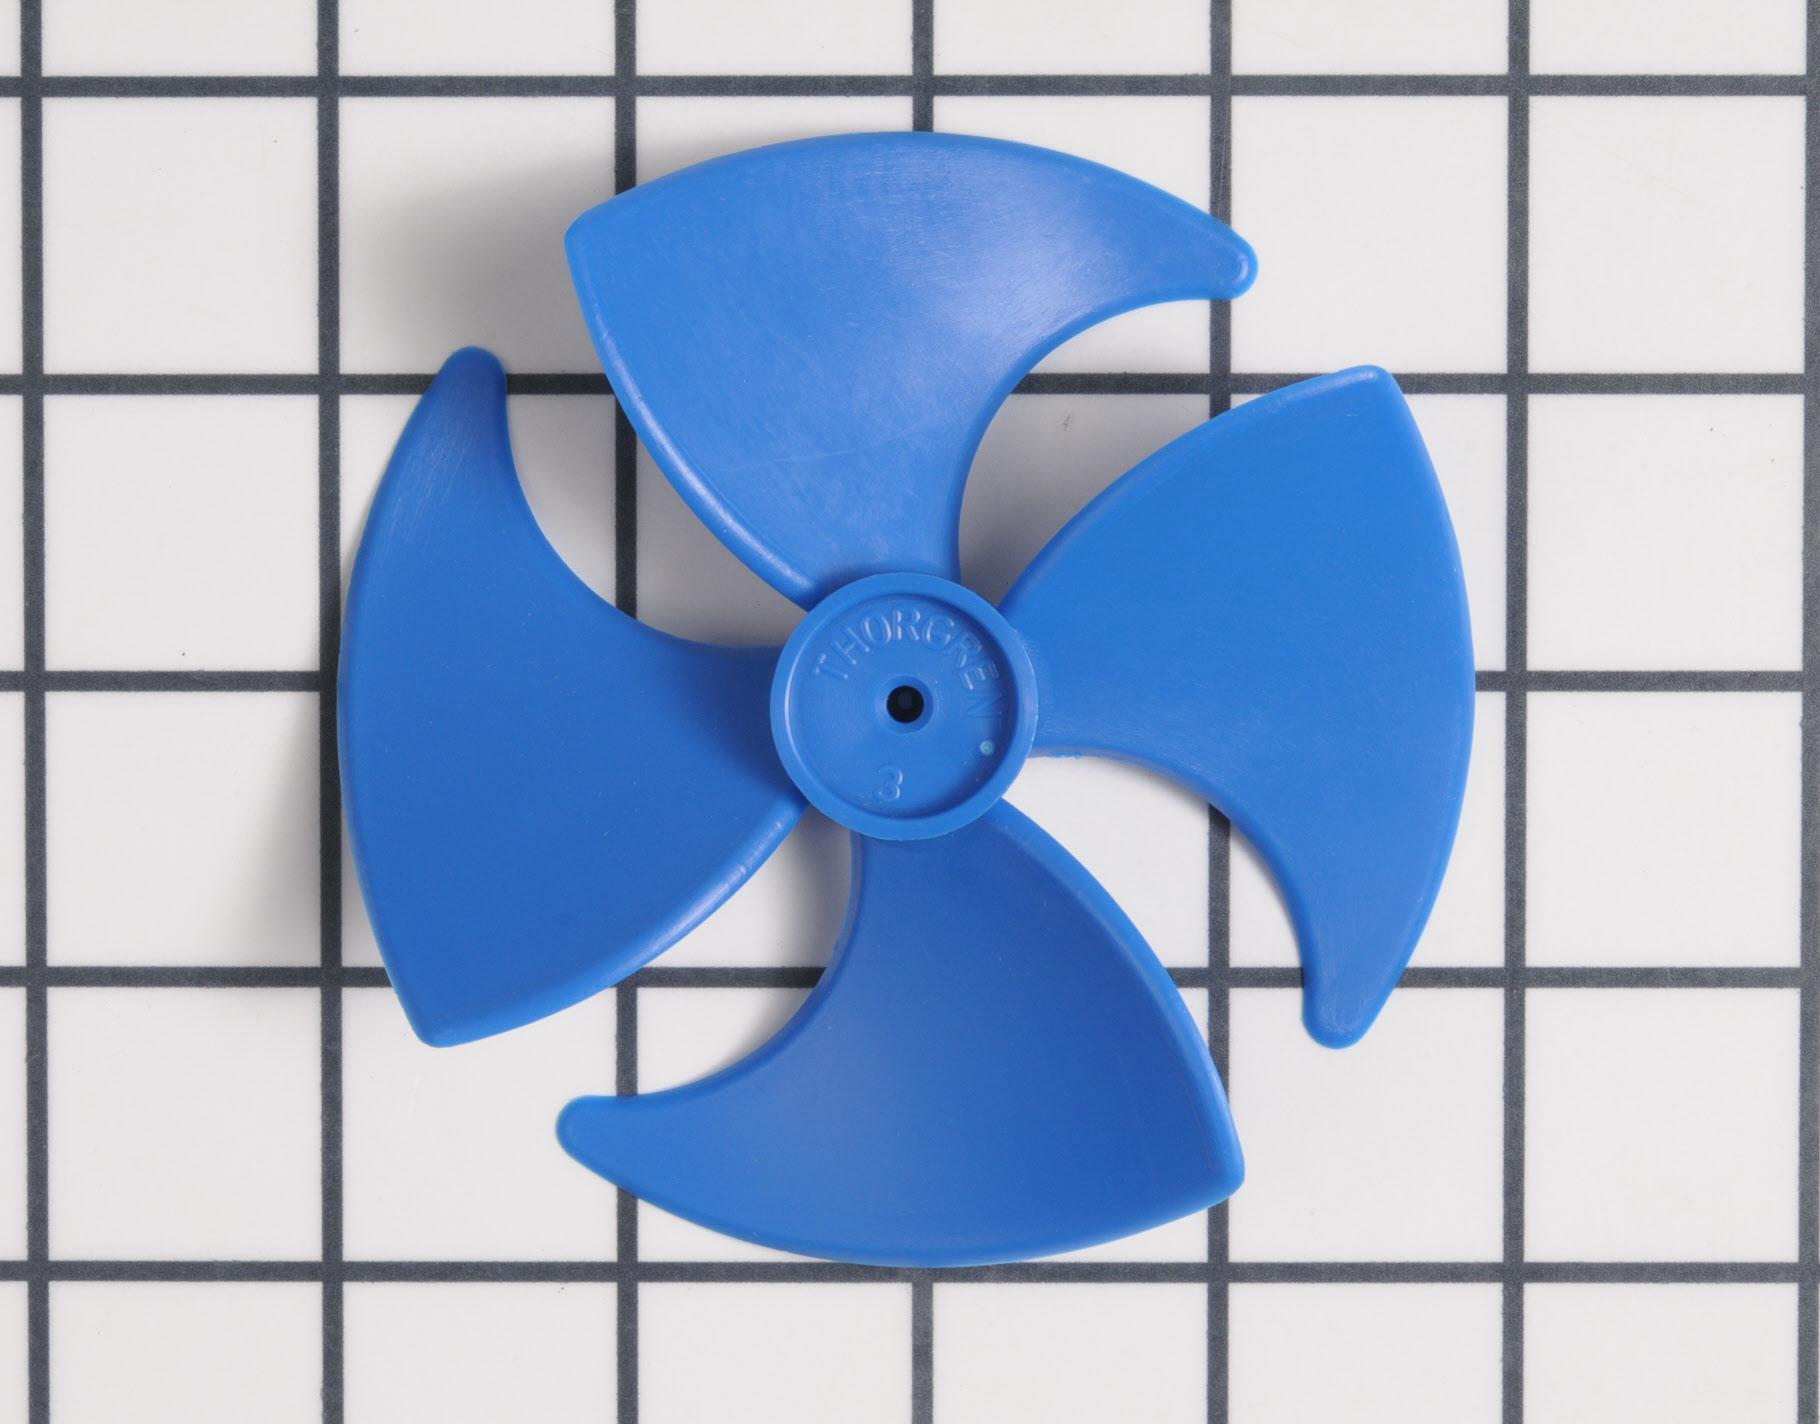 WP67006337 Ikea Refrigerator Part -Fan Blade